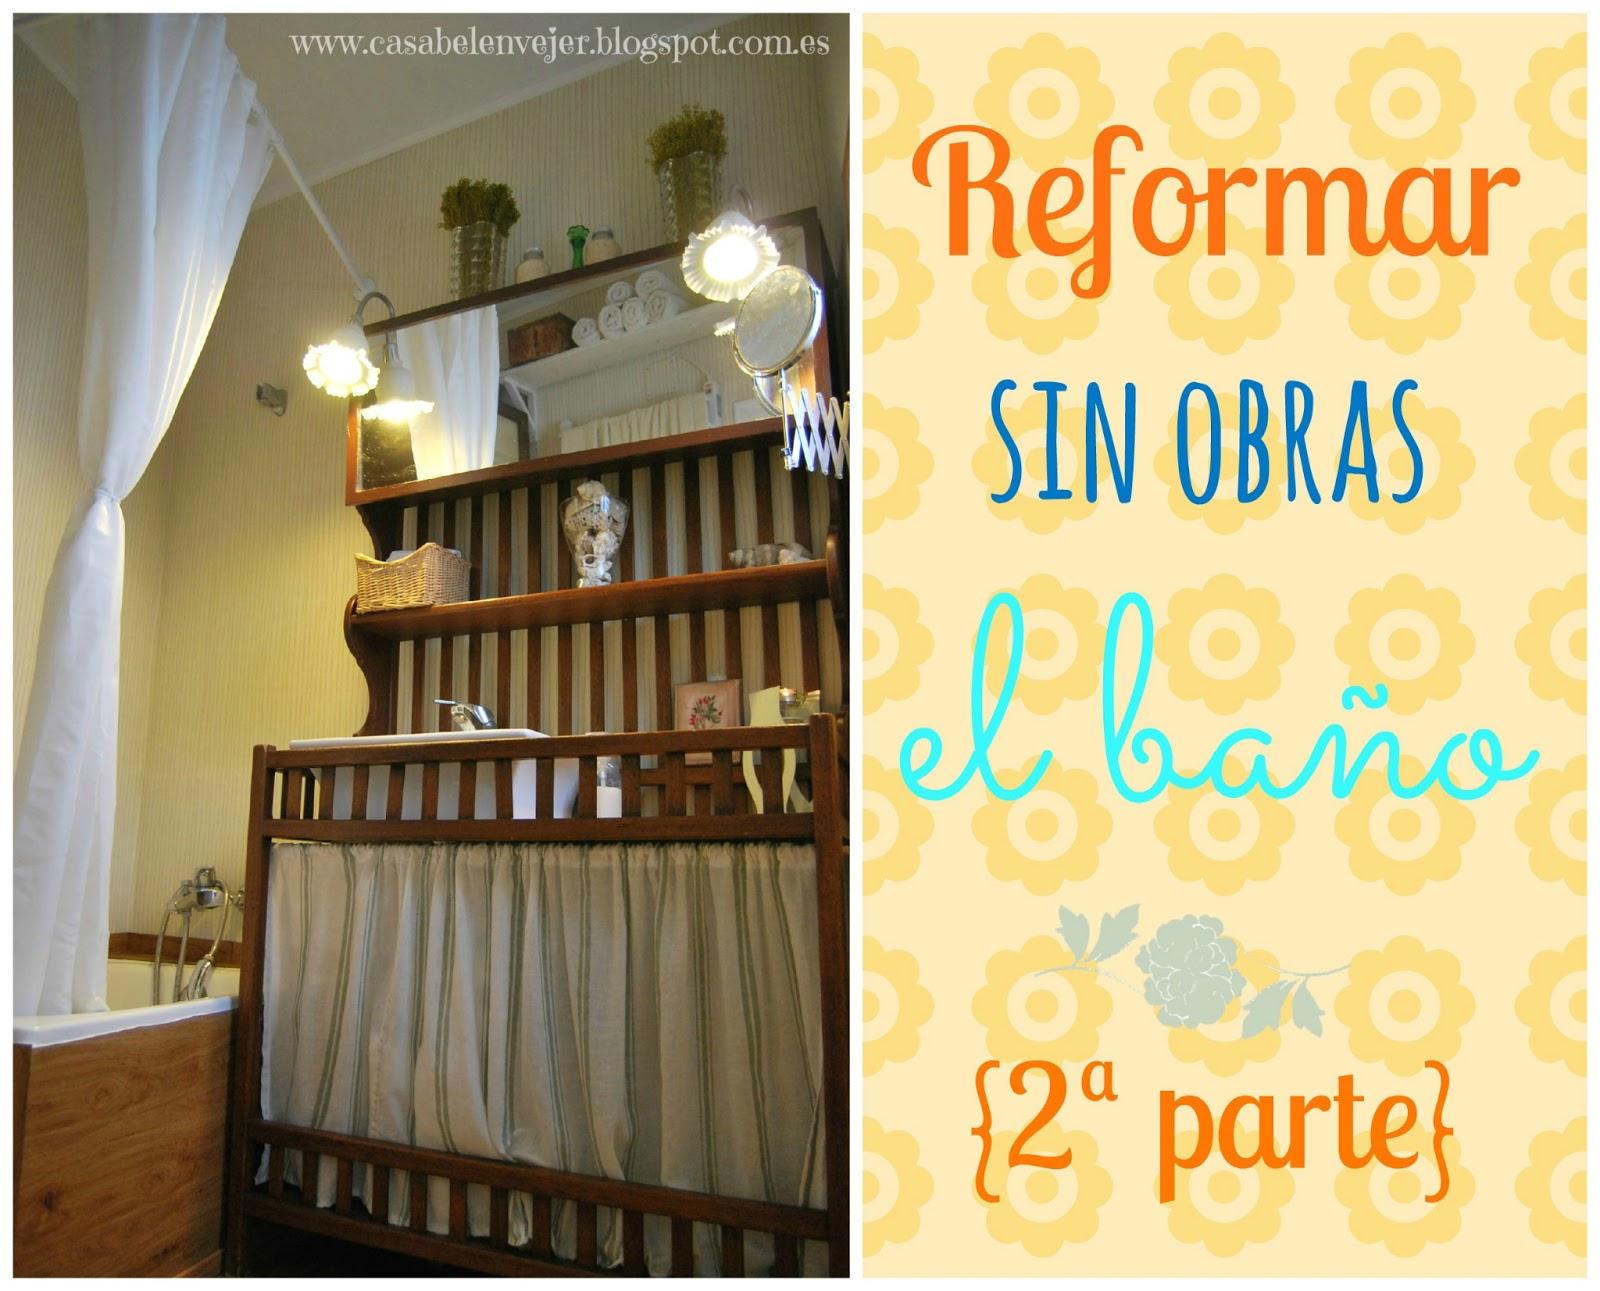 Casabel n blog reformar sin obras el ba o 2 parte - Reformar sin obras ...